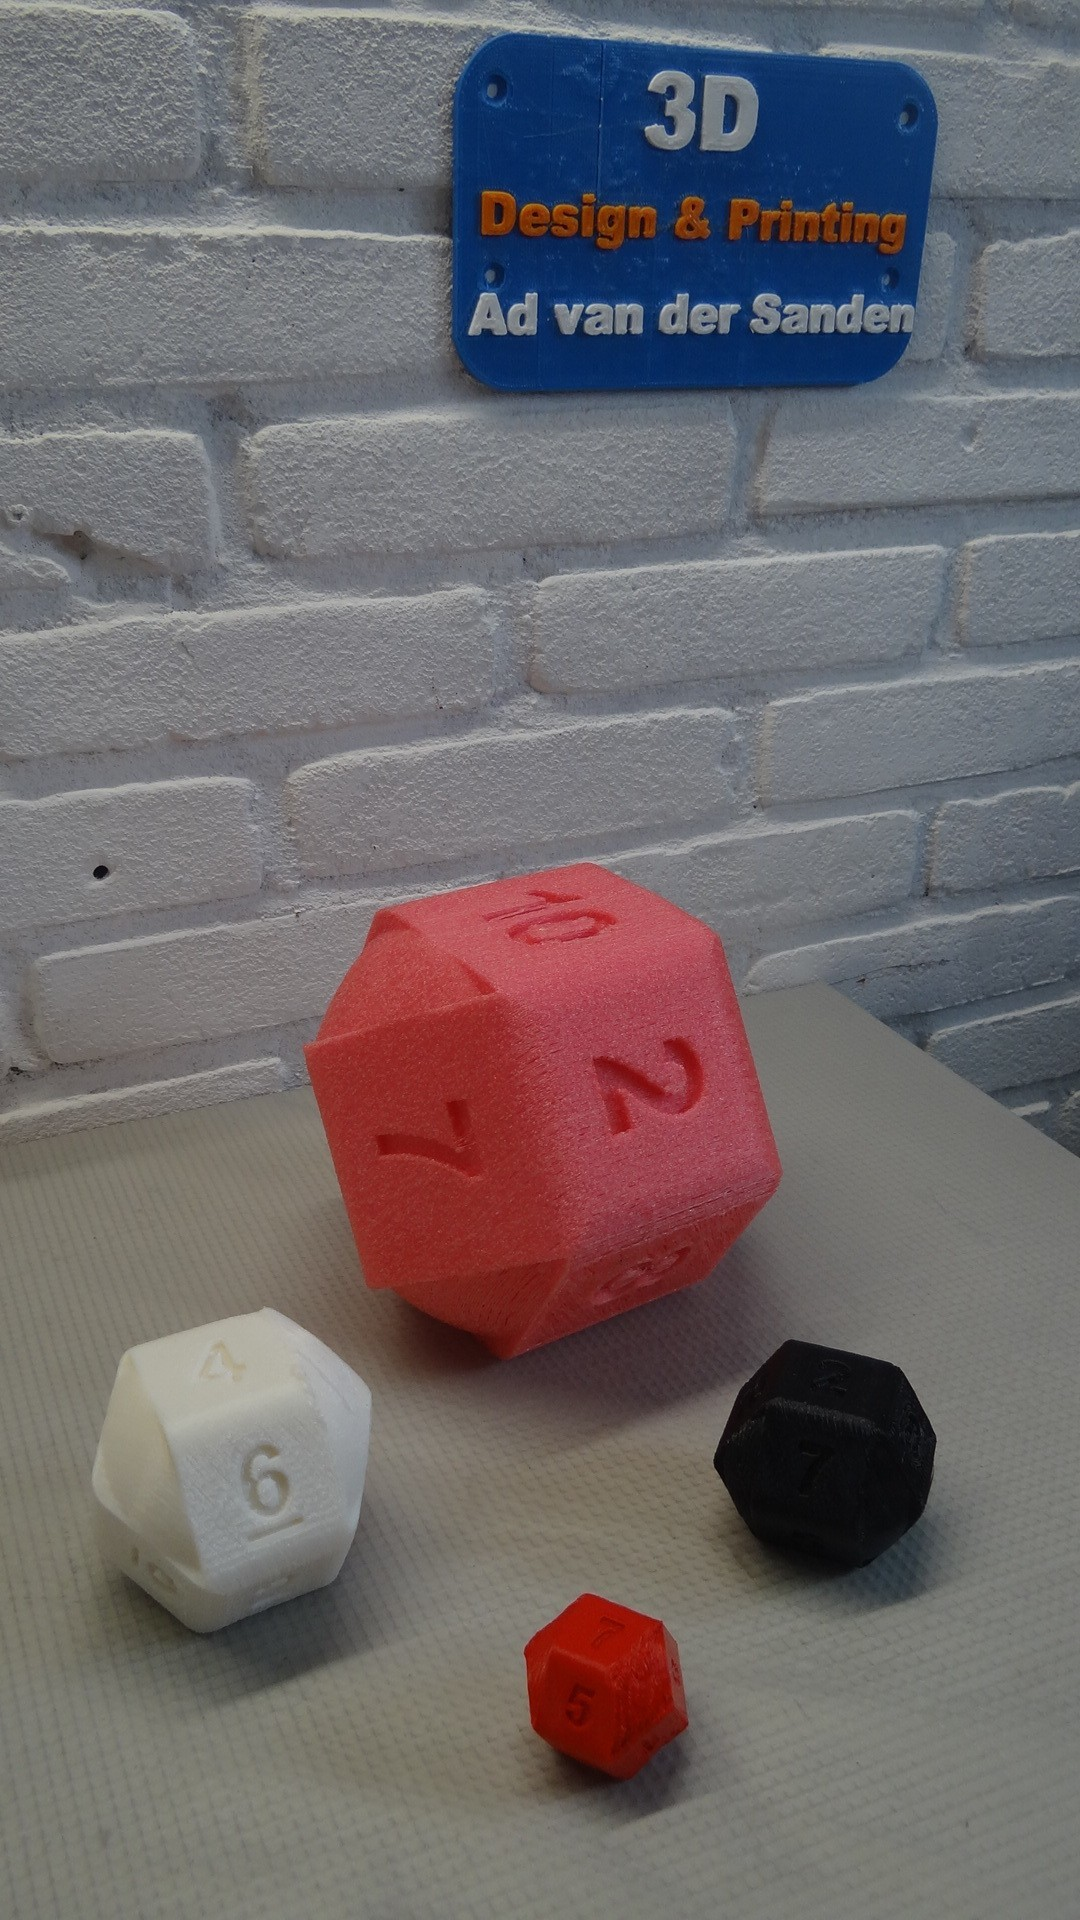 DSC05562.JPG Download STL file 10 Side dice • 3D print object, Adriaan